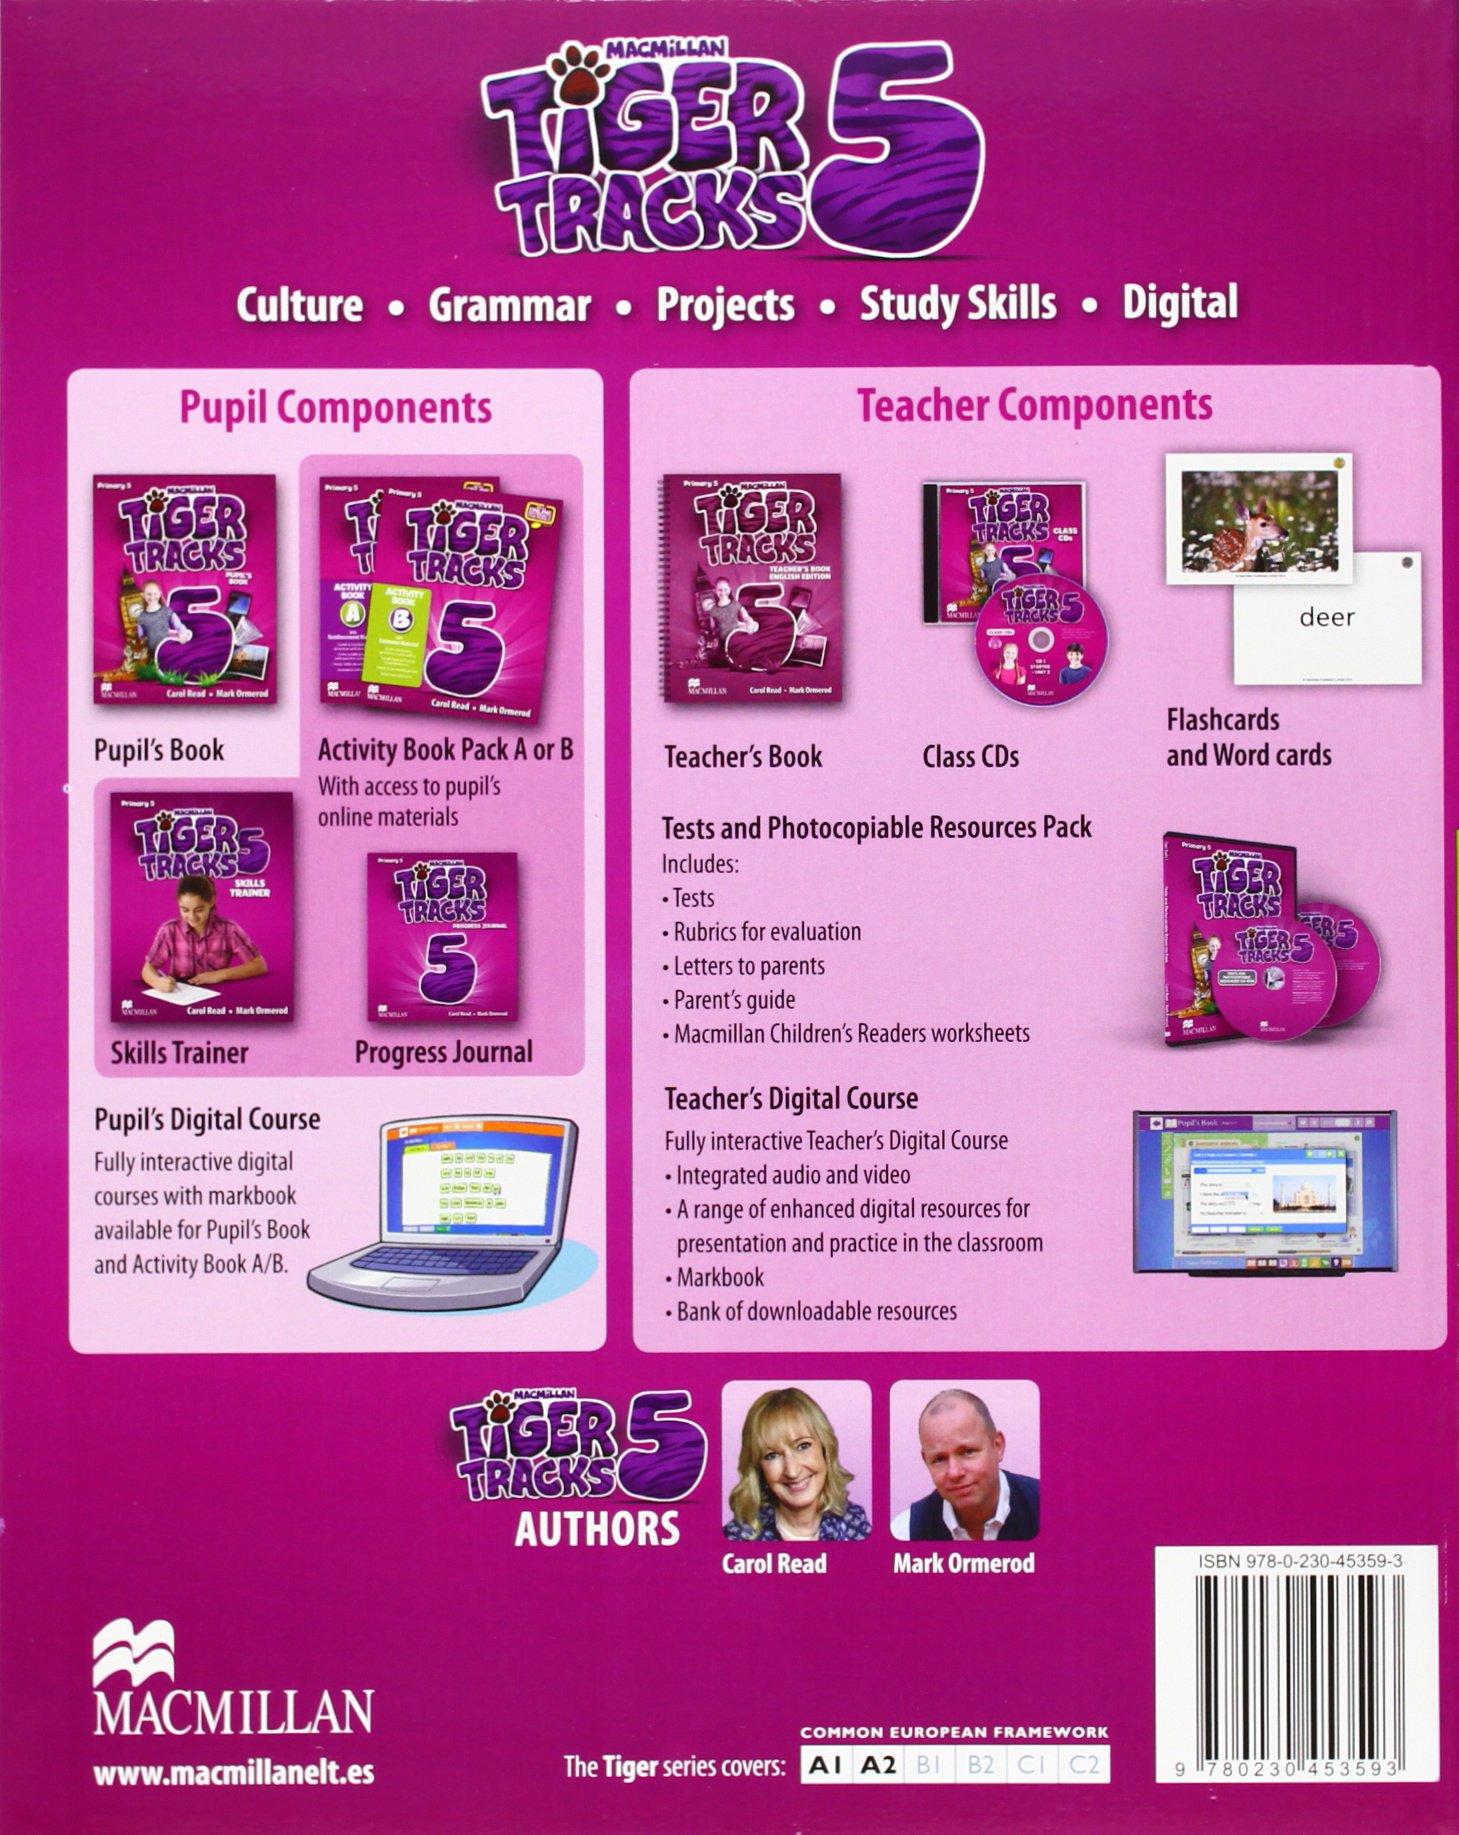 TIGER 5 Ab B Pk - 9780230453630: Amazon.es: Reas, C., Ormerod, M.: Libros en idiomas extranjeros